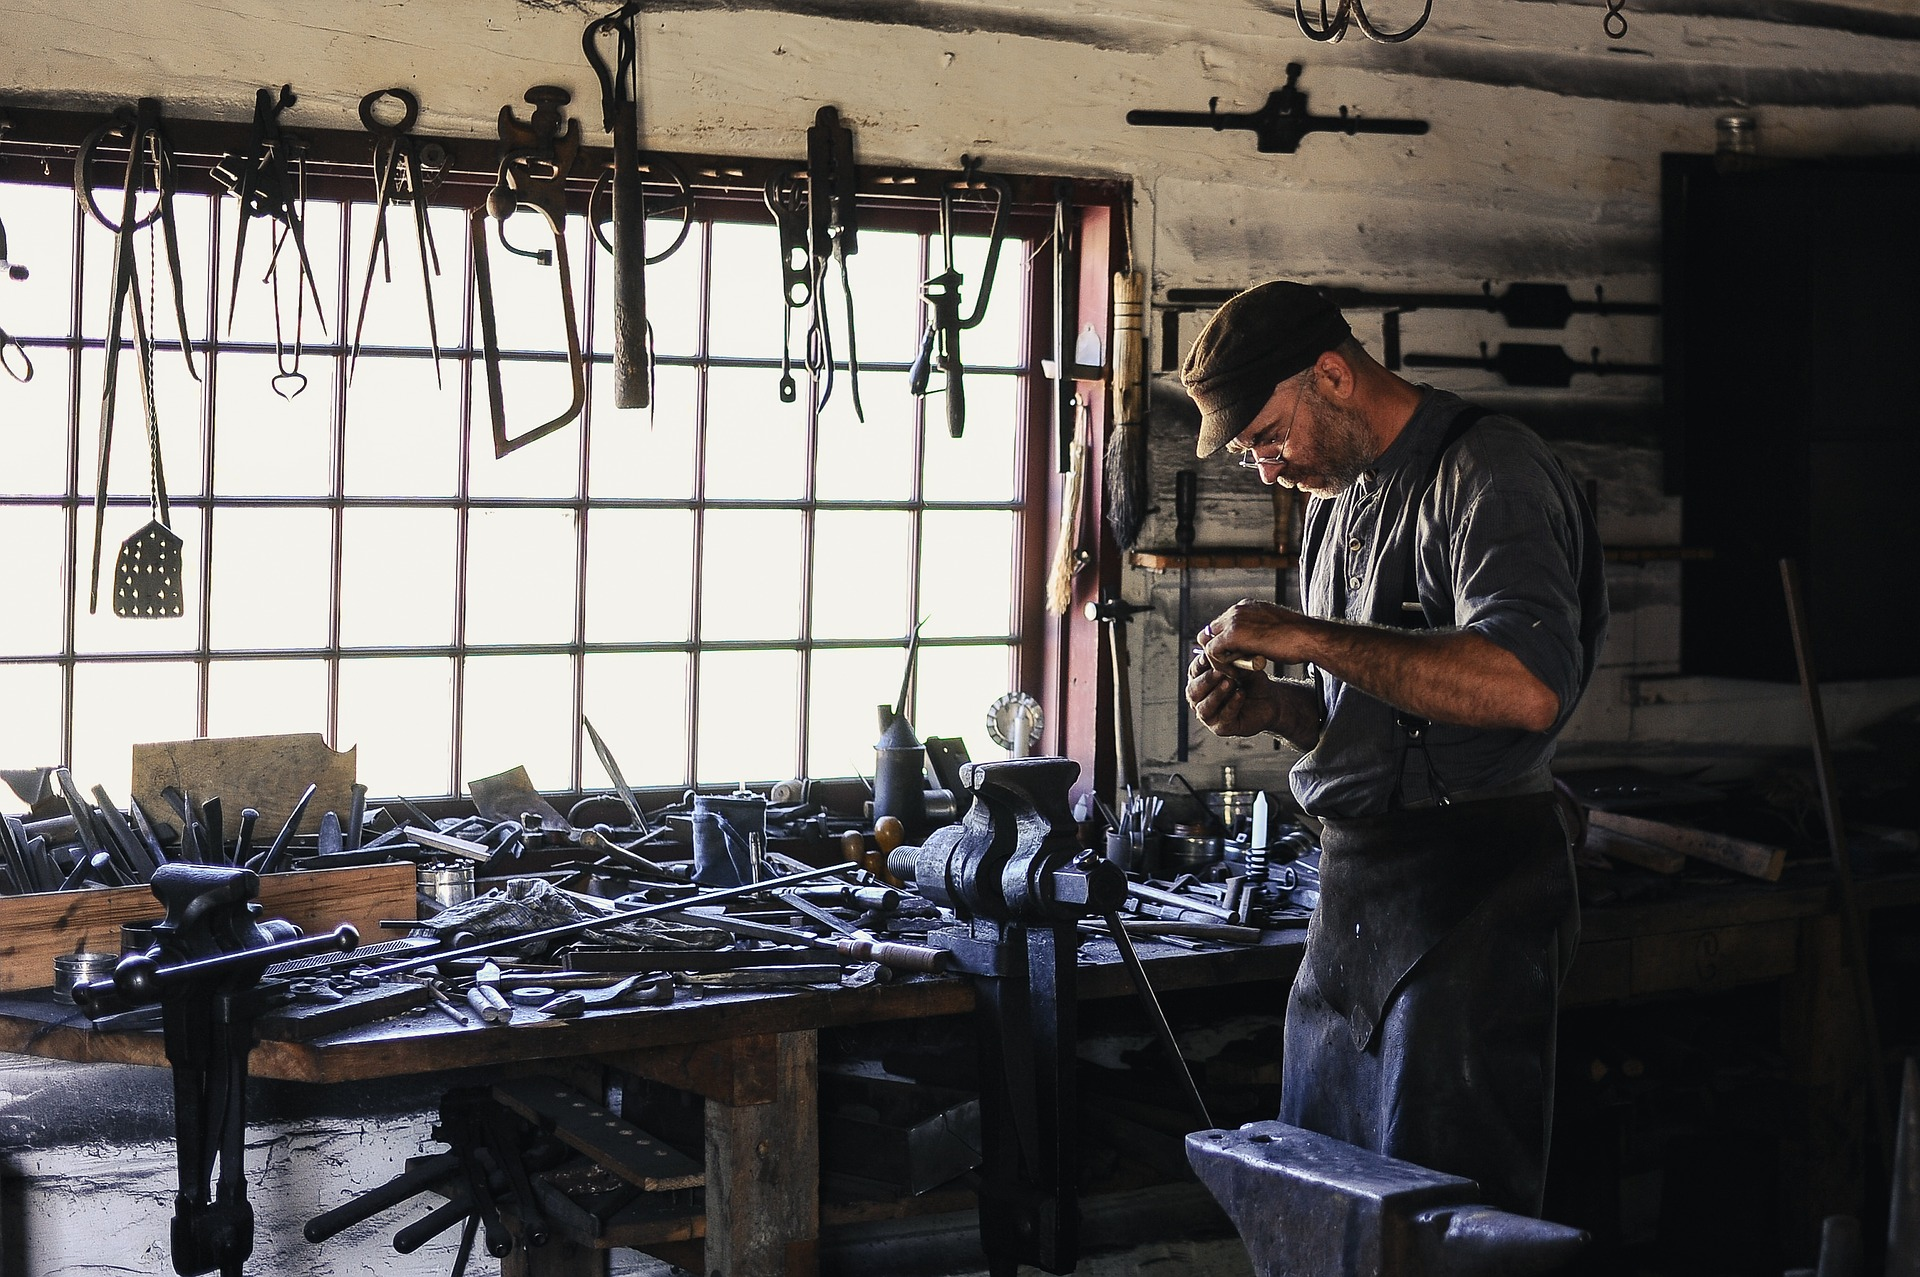 Ne reformáld – tiszteld és engedd szabadon! – Hogyan erősödhet meg a Vállalkozó Magyarország?